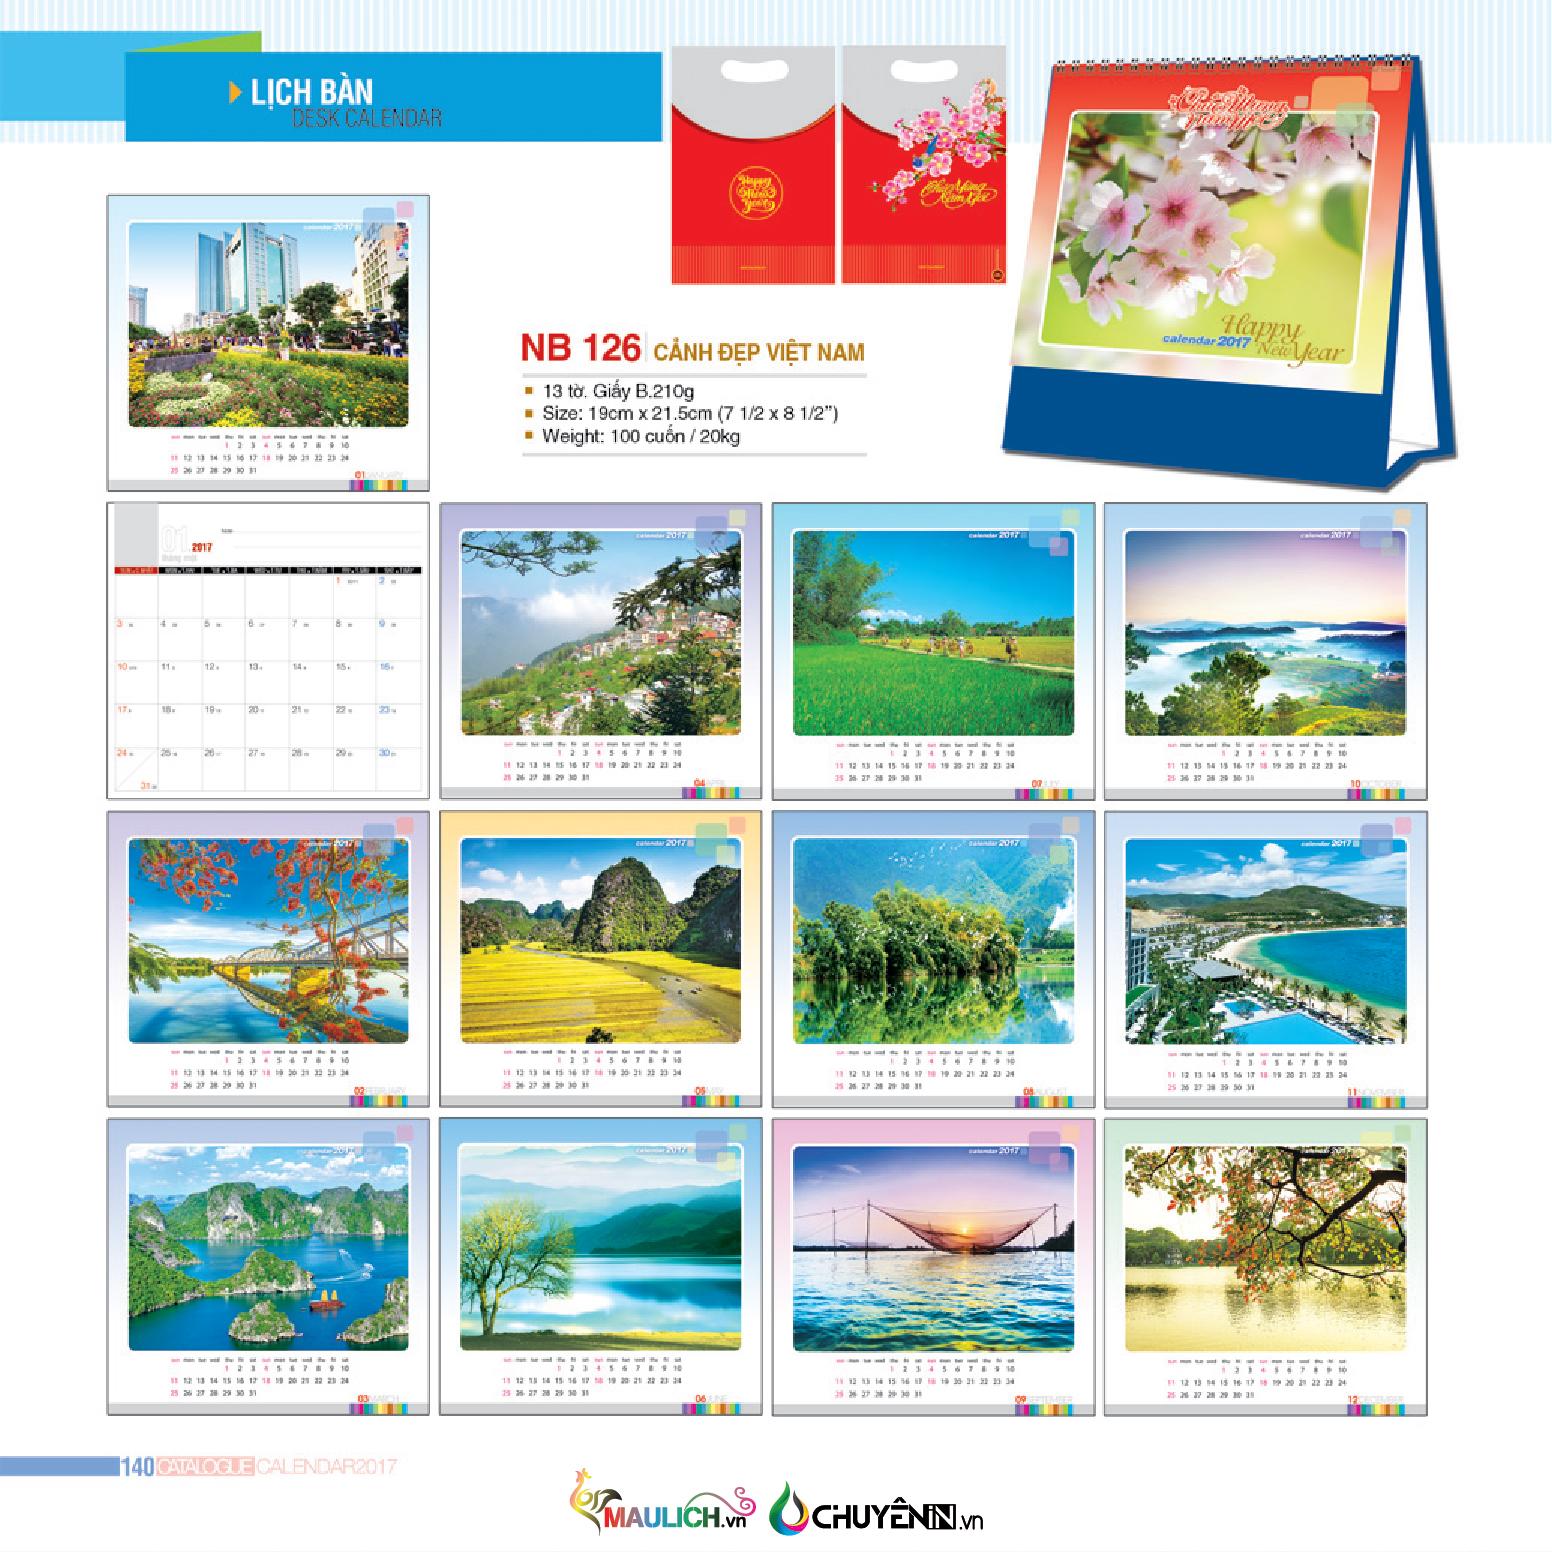 NB-126: Lịch để bản - Cảnh đẹp Việt Nam